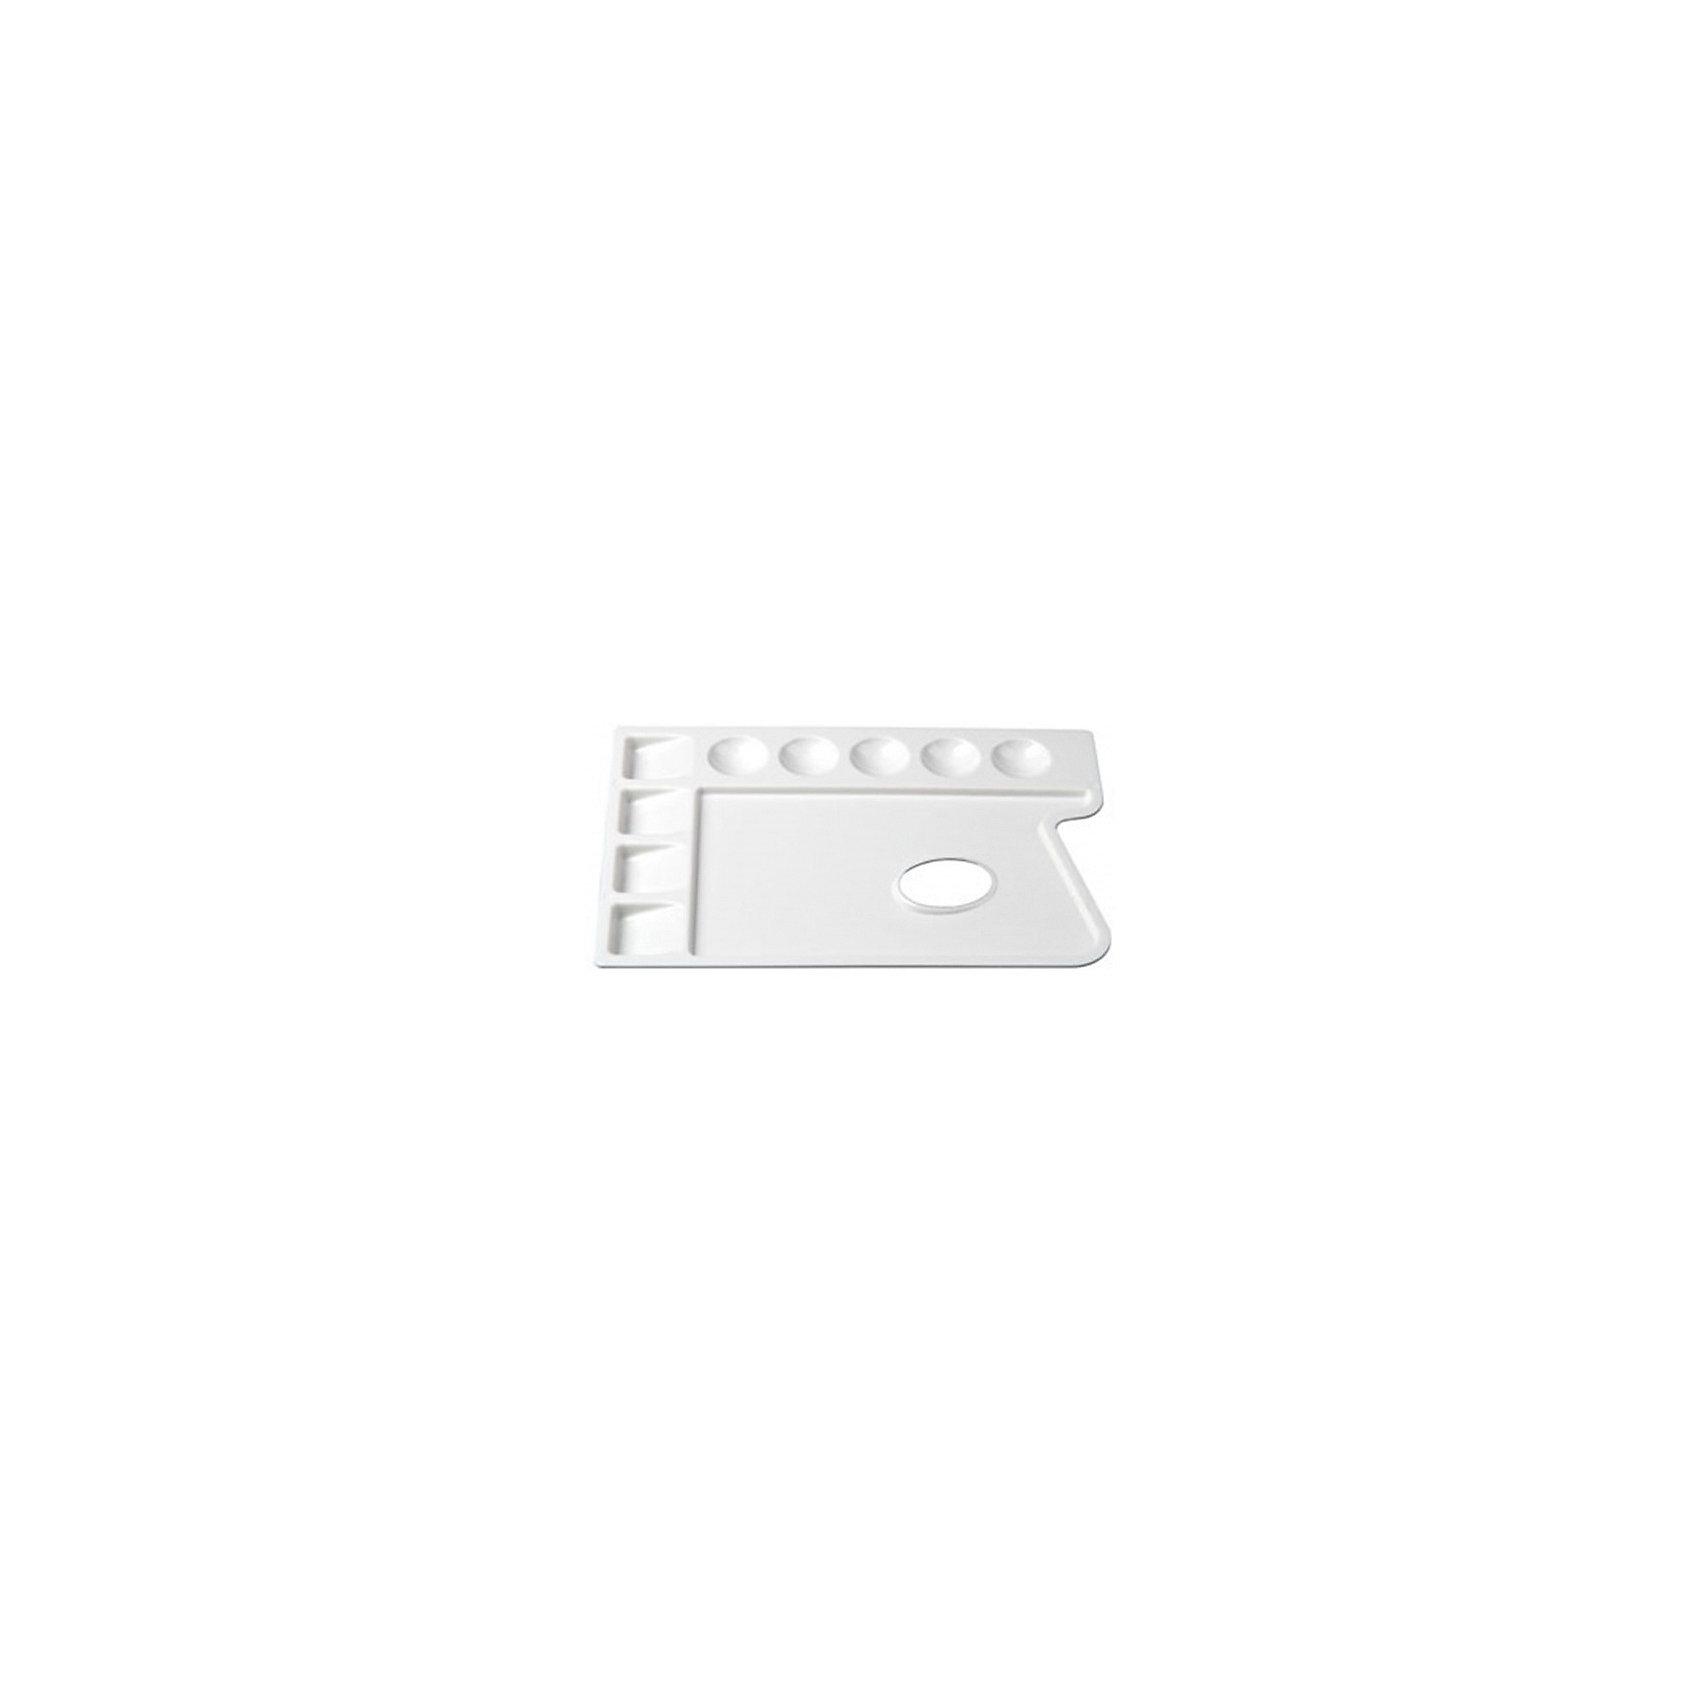 Пластиковая прямоугольная палитра Малевичъ, 9 ячеекАксессуары для творчества<br>Характеристики:<br><br>• возраст: от 3 лет<br>• размер: 30х22 см.<br>• количество ячеек: 9<br>• материал: пластик<br><br>Благодаря анатомически выверенной форме палитра удобно ложится в руку, делая процесс живописи легким и комфортным, а ее гладкая поверхность при необходимости легко очищается от лишней краски. Белый цвет палитры позволяет оценить, как тот или иной оттенок будет выглядеть на белом холсте или бумаге. Удобные ячейки позволяют комфортно работать даже с сильно разведенными красками.<br><br>Палитра Малевичъ изготовлена из гипоаллергенного пластика, тщательно отполирована, удобна и безопасна в работе, прослужит долгое время.<br><br>Пластиковую прямоугольную палитру Малевичъ, 9 ячеек можно купить в нашем интернет-магазине.<br><br>Ширина мм: 220<br>Глубина мм: 10<br>Высота мм: 295<br>Вес г: 124<br>Возраст от месяцев: 36<br>Возраст до месяцев: 2147483647<br>Пол: Унисекс<br>Возраст: Детский<br>SKU: 6910381